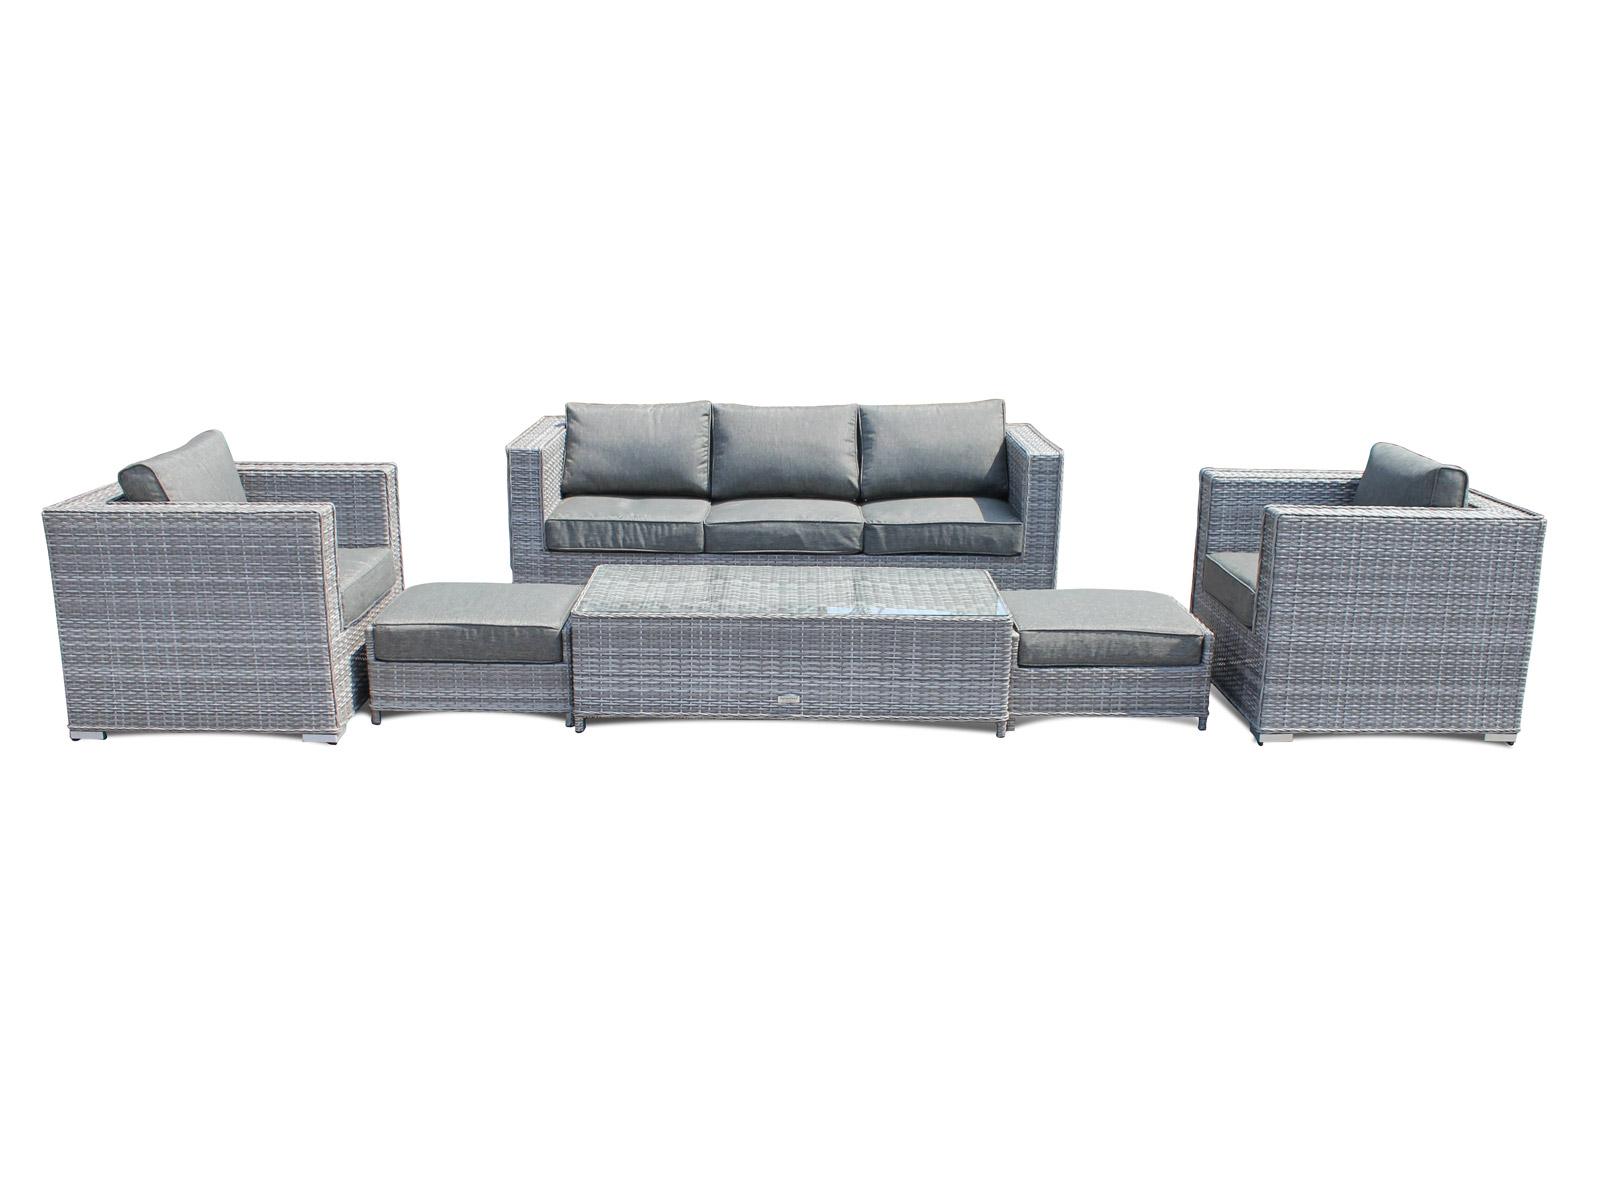 Ascot 3 Seater Sofa Set in Grey Rattan Sofa Sets